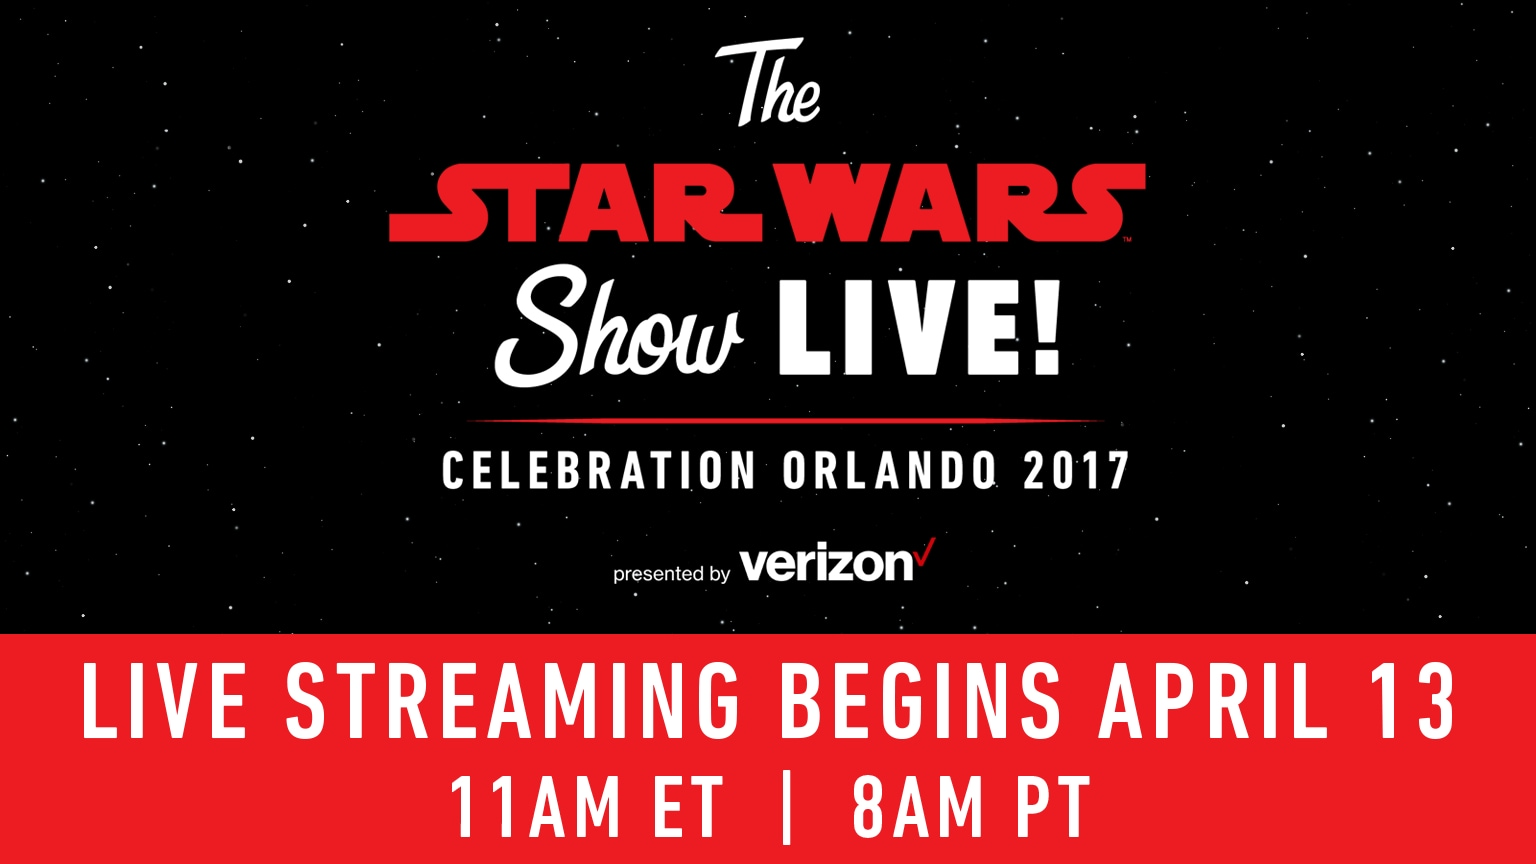 sws-live-stream-begins-april-13_ca880e07